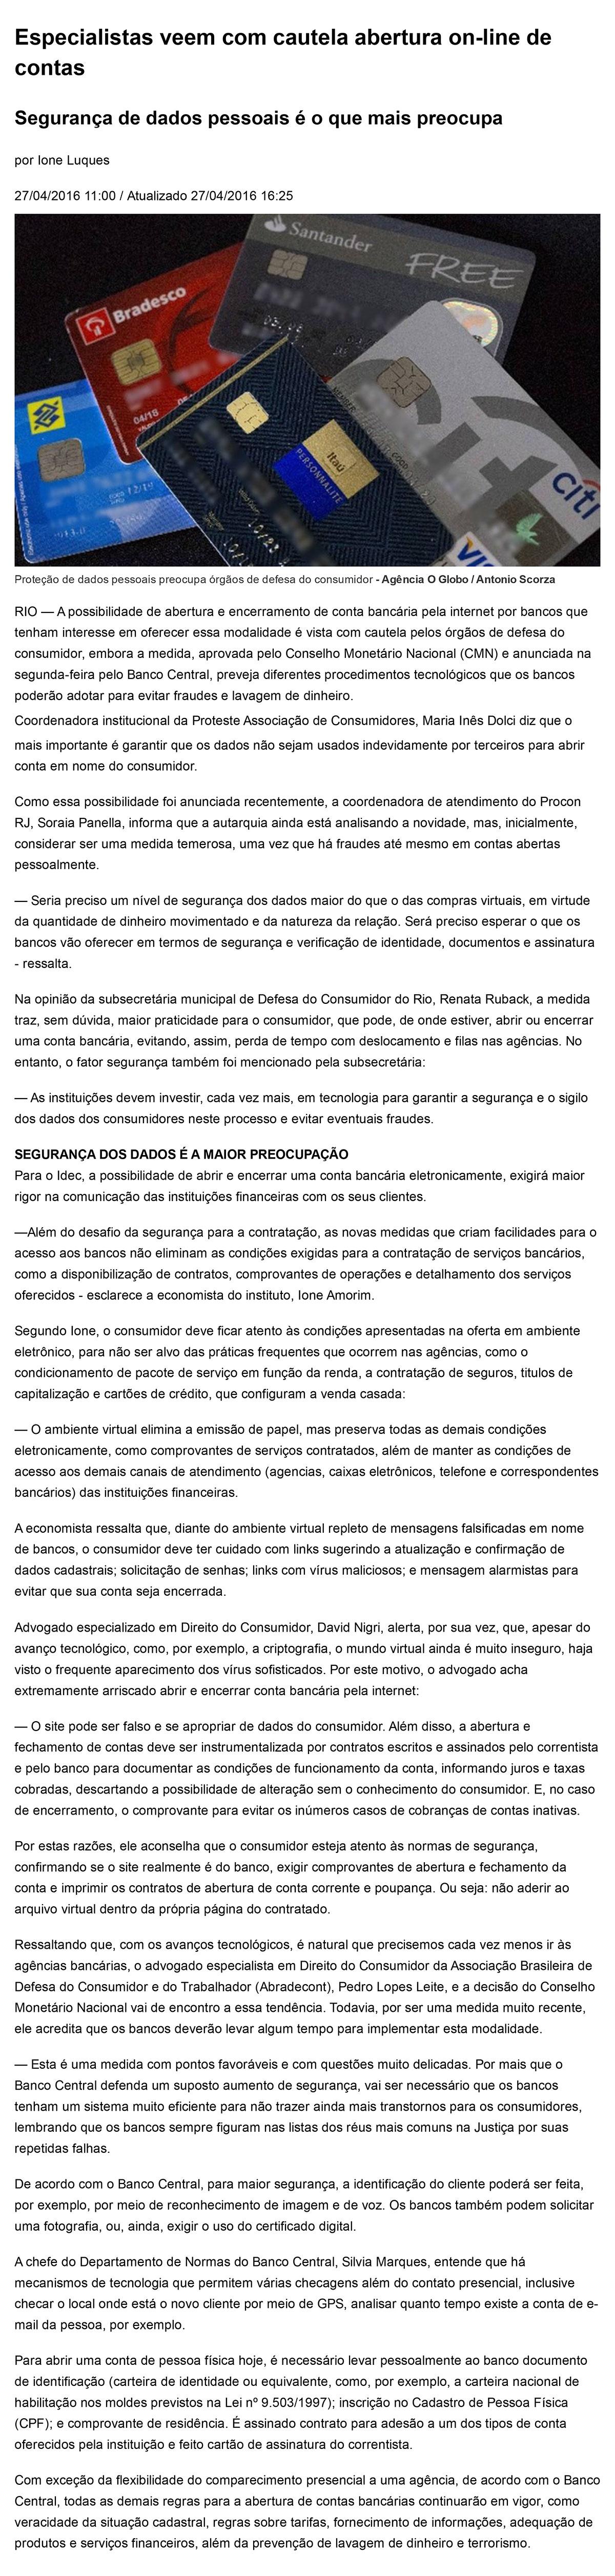 especialistas-veem-com-cautela-abertura-on-line-de-contas-jornal-o-globo